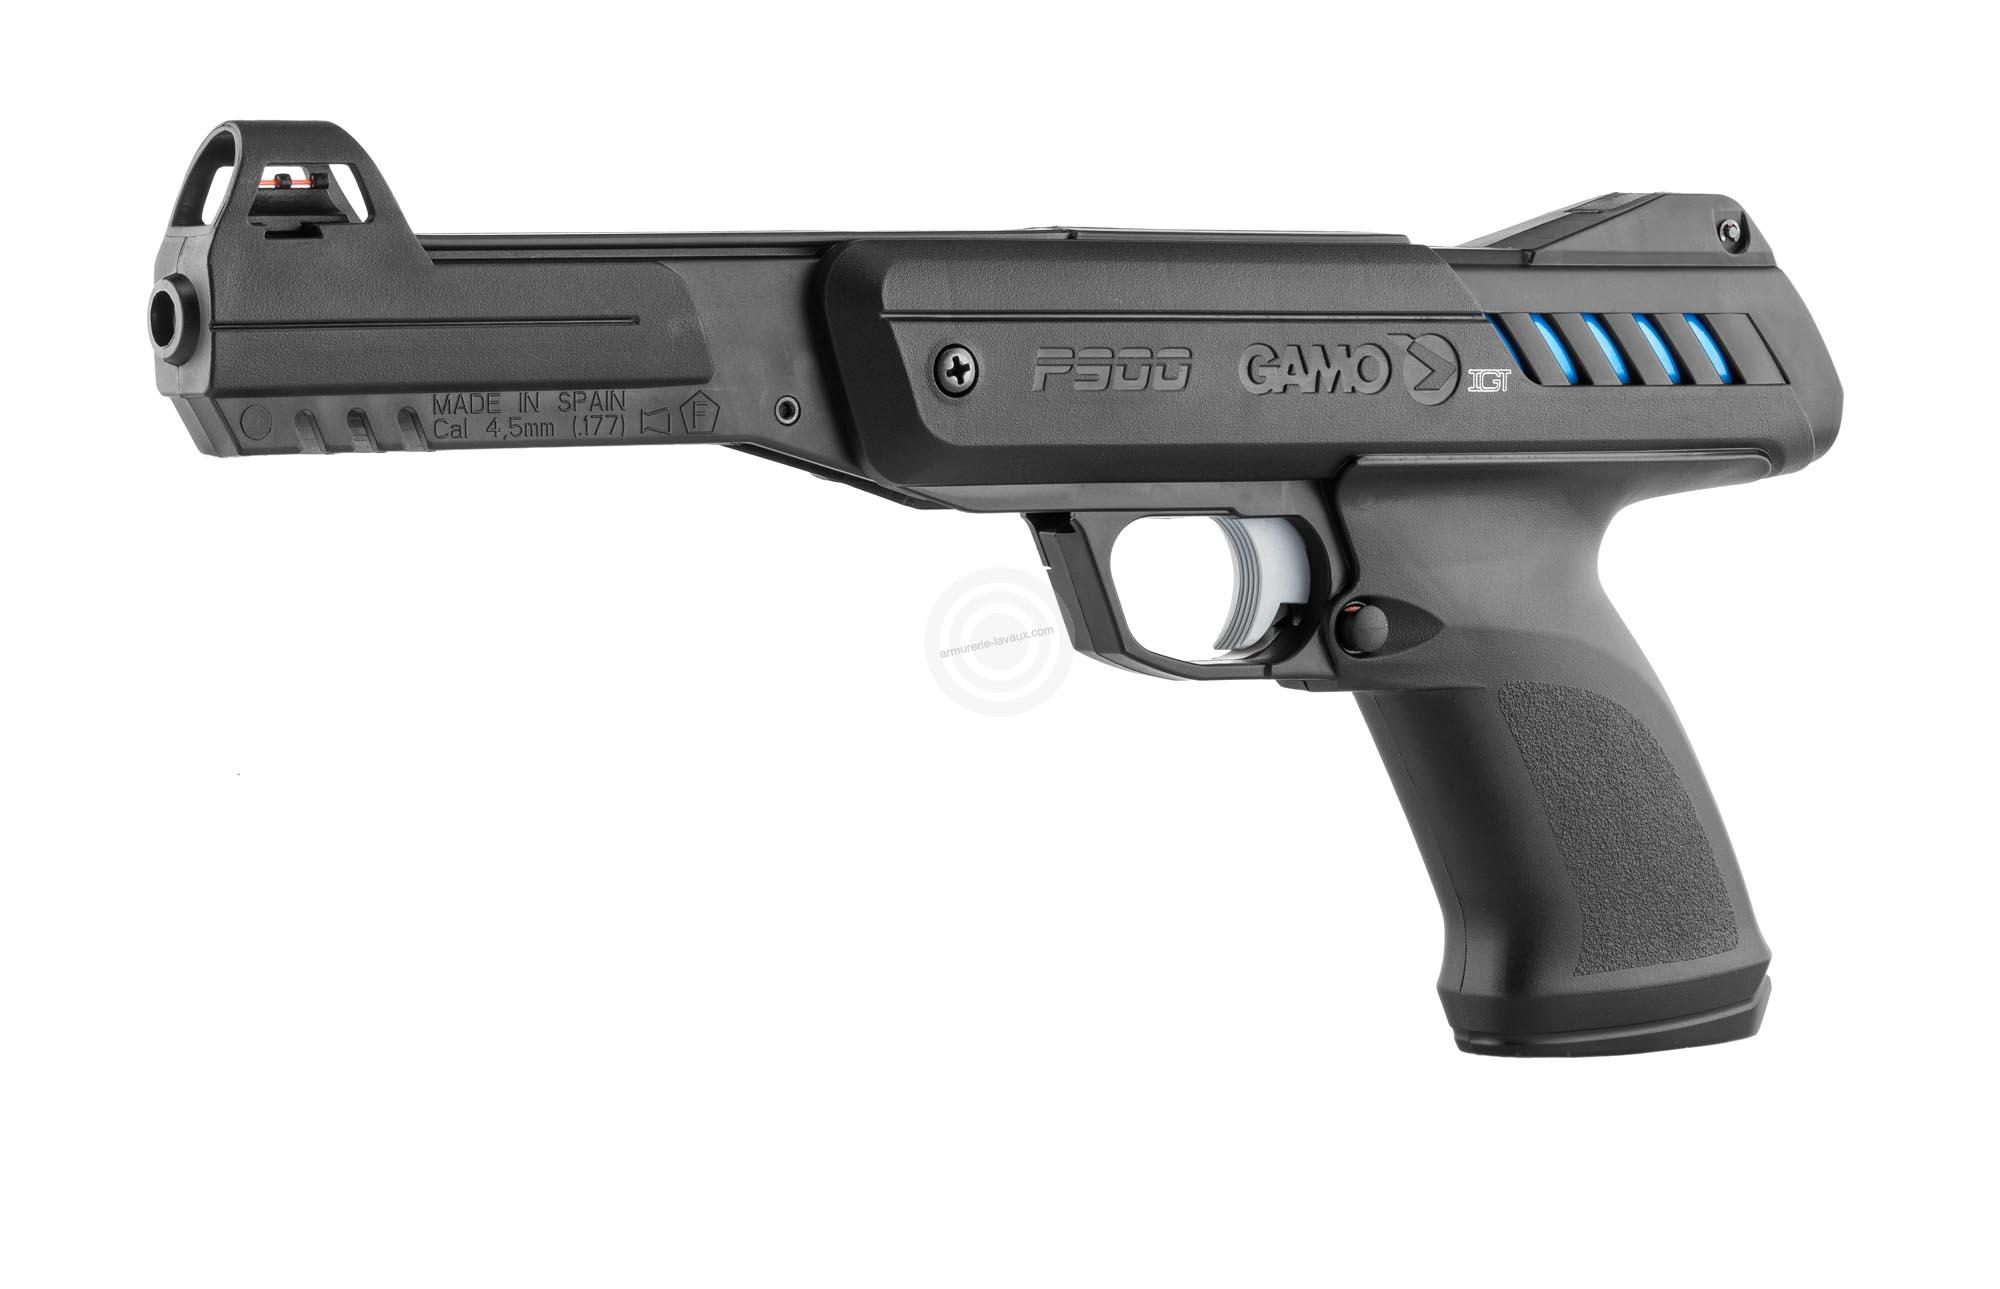 Pistolet à plombs GAMO P 900 IGT